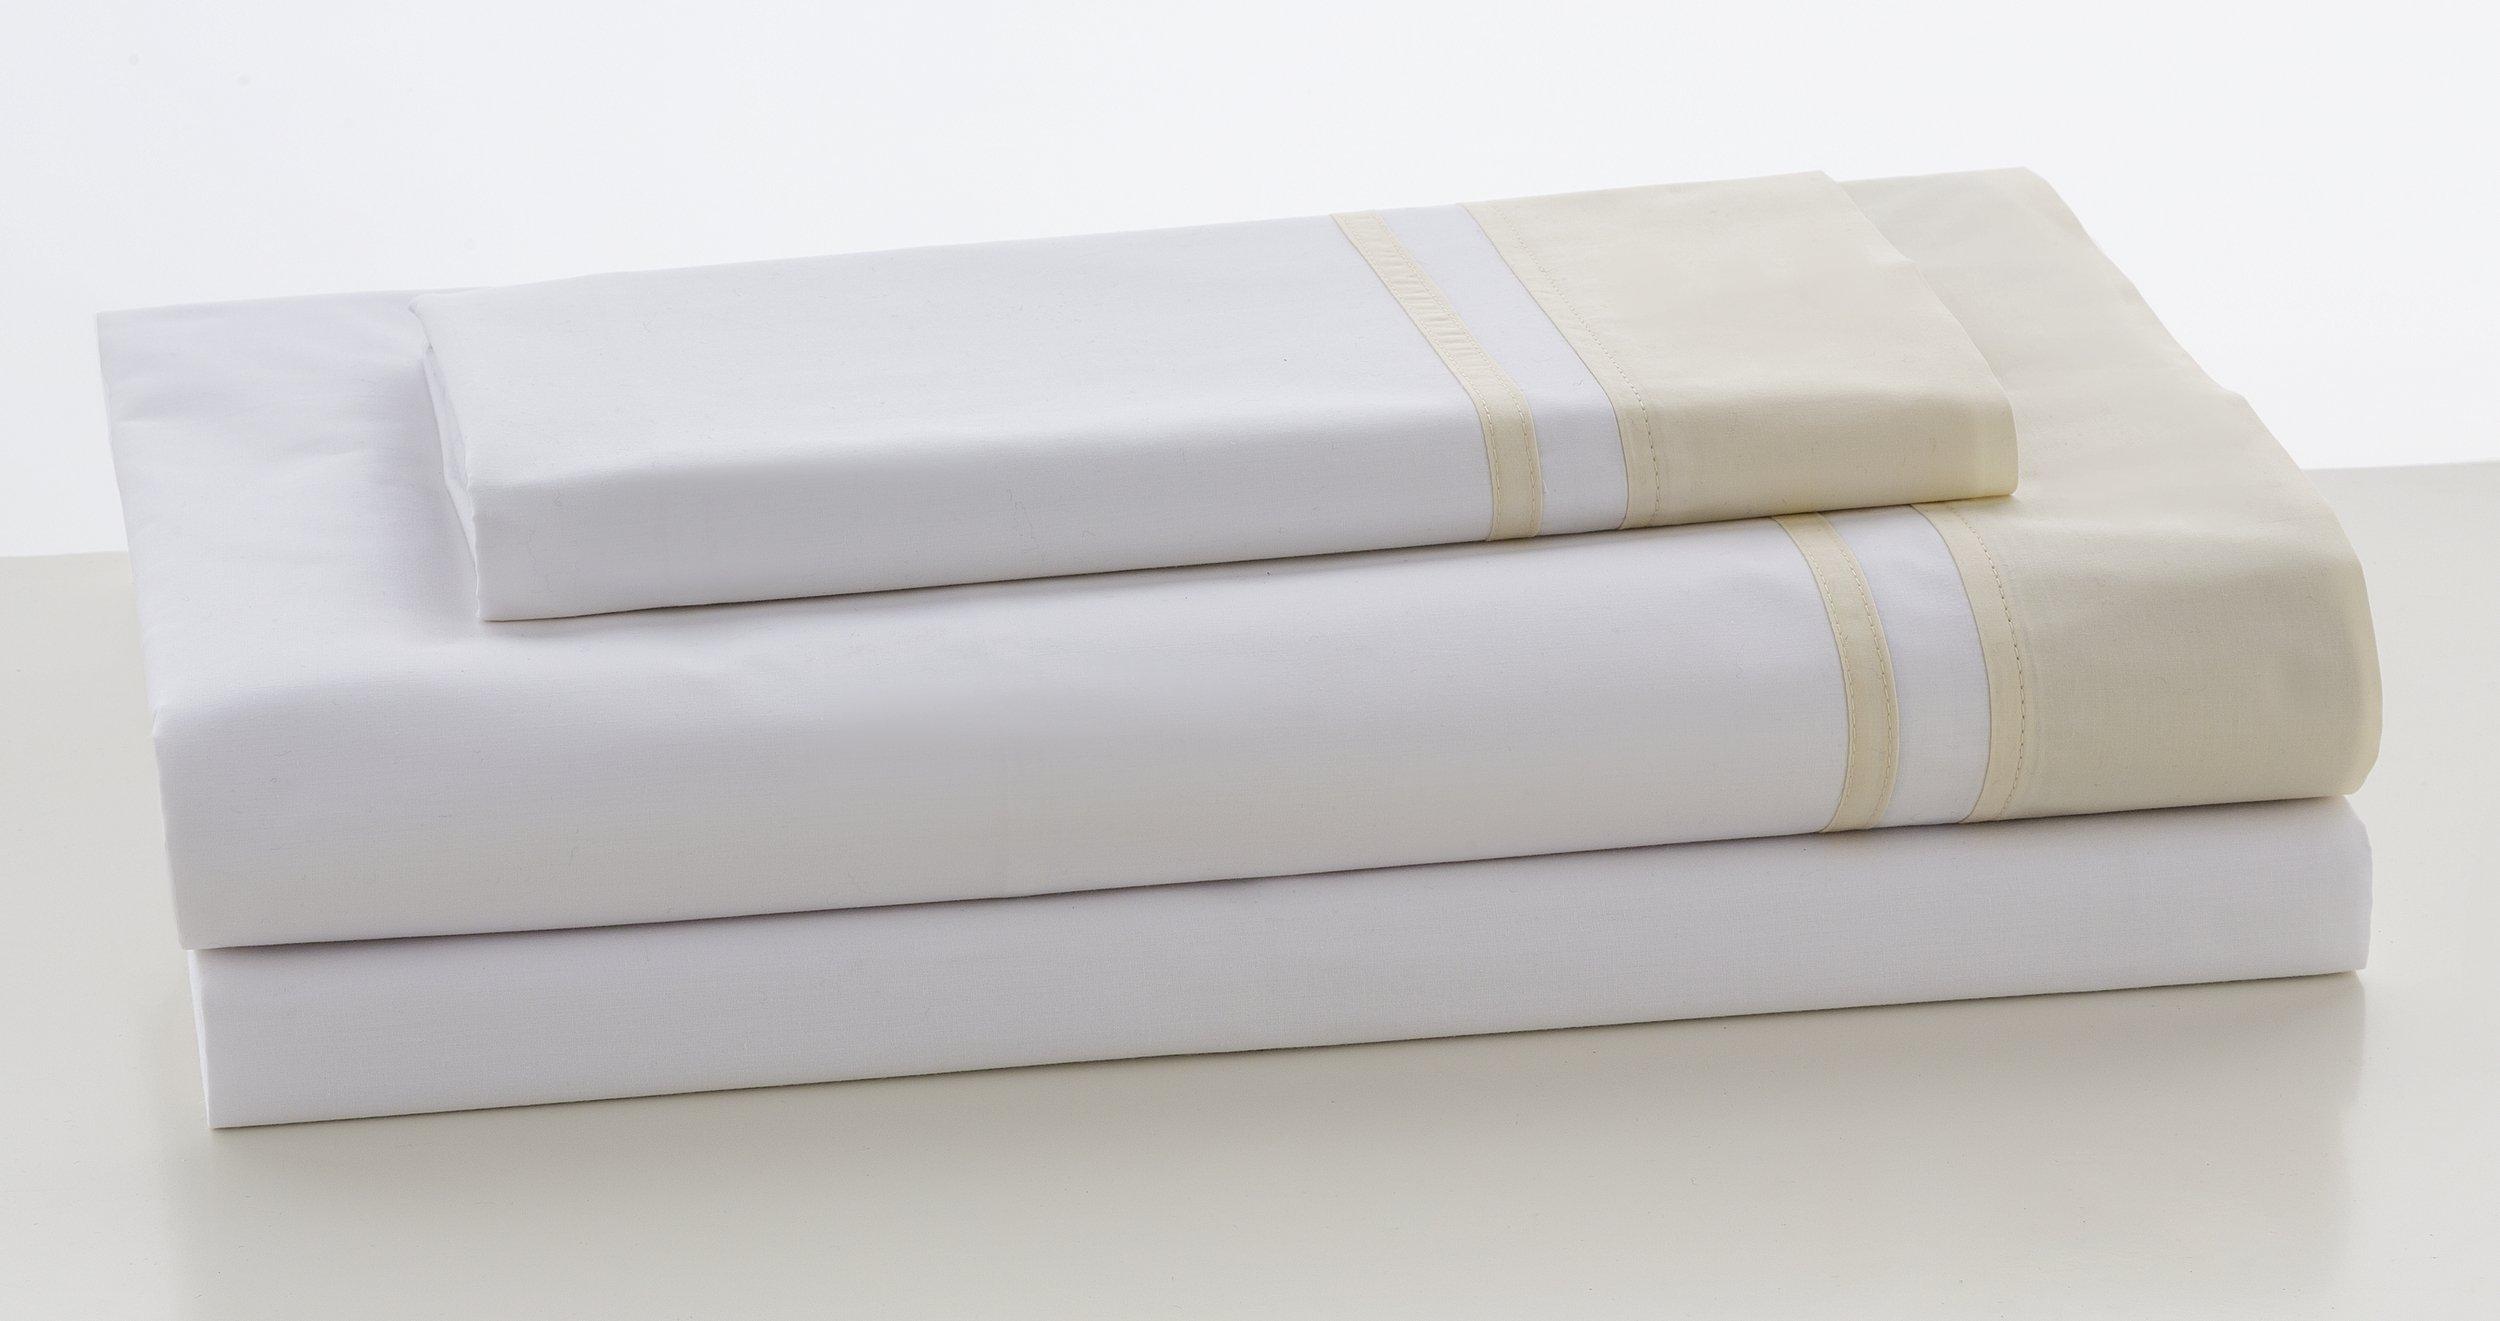 ESTELA - Juego de sábanas Lisos Marbella Color Marfil - Cama de 150 cm (3 Piezas) - 100% Algodón - 200 Hilos - con Bajera Ajustable de 30 cm. de Altura.: Amazon.es: Hogar